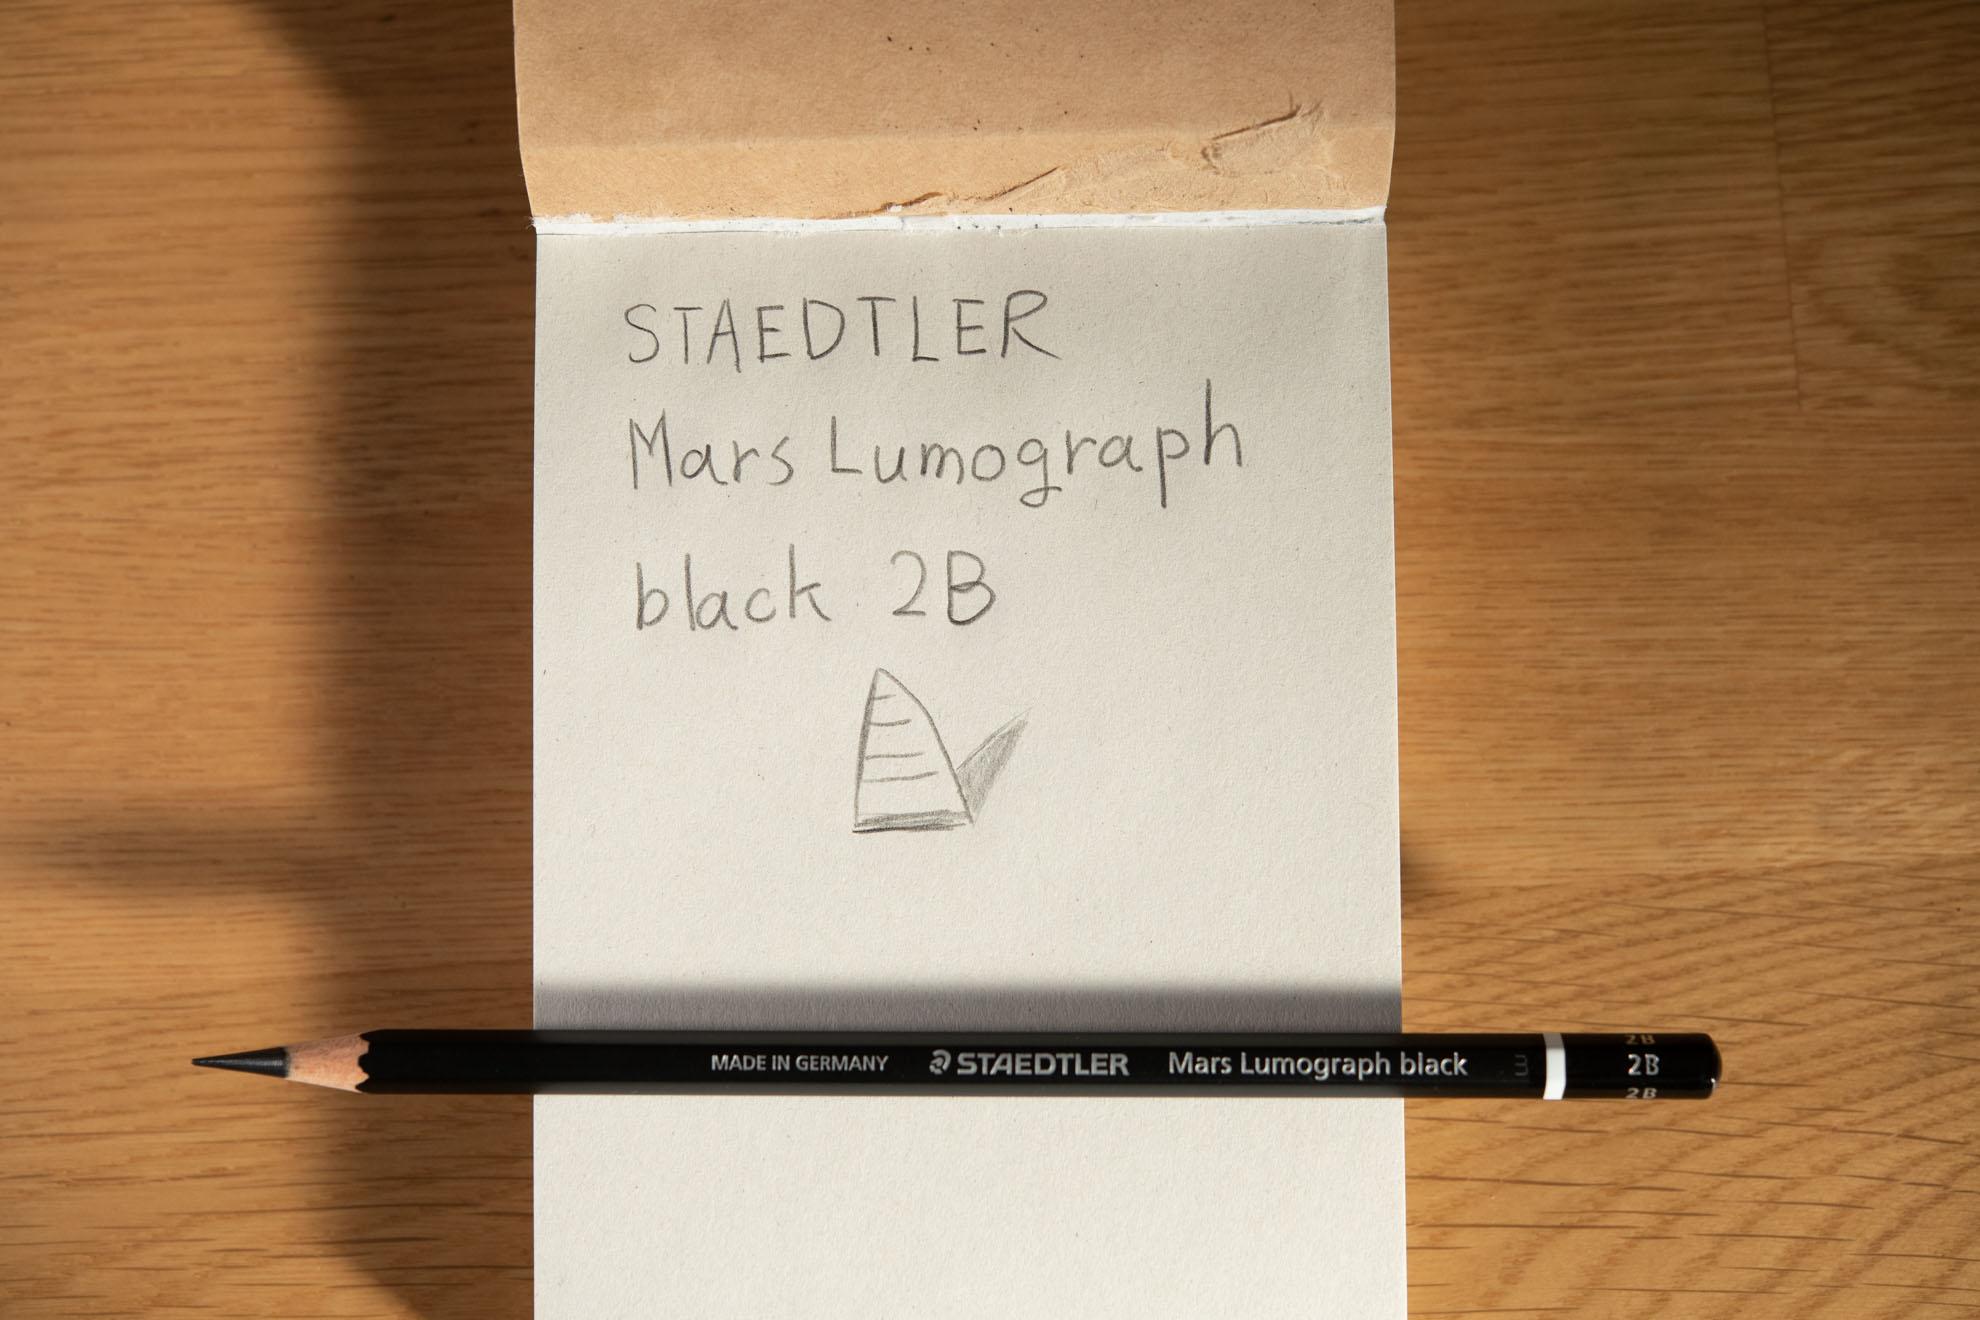 マルス ルモグラフ ブラック ステッドラー